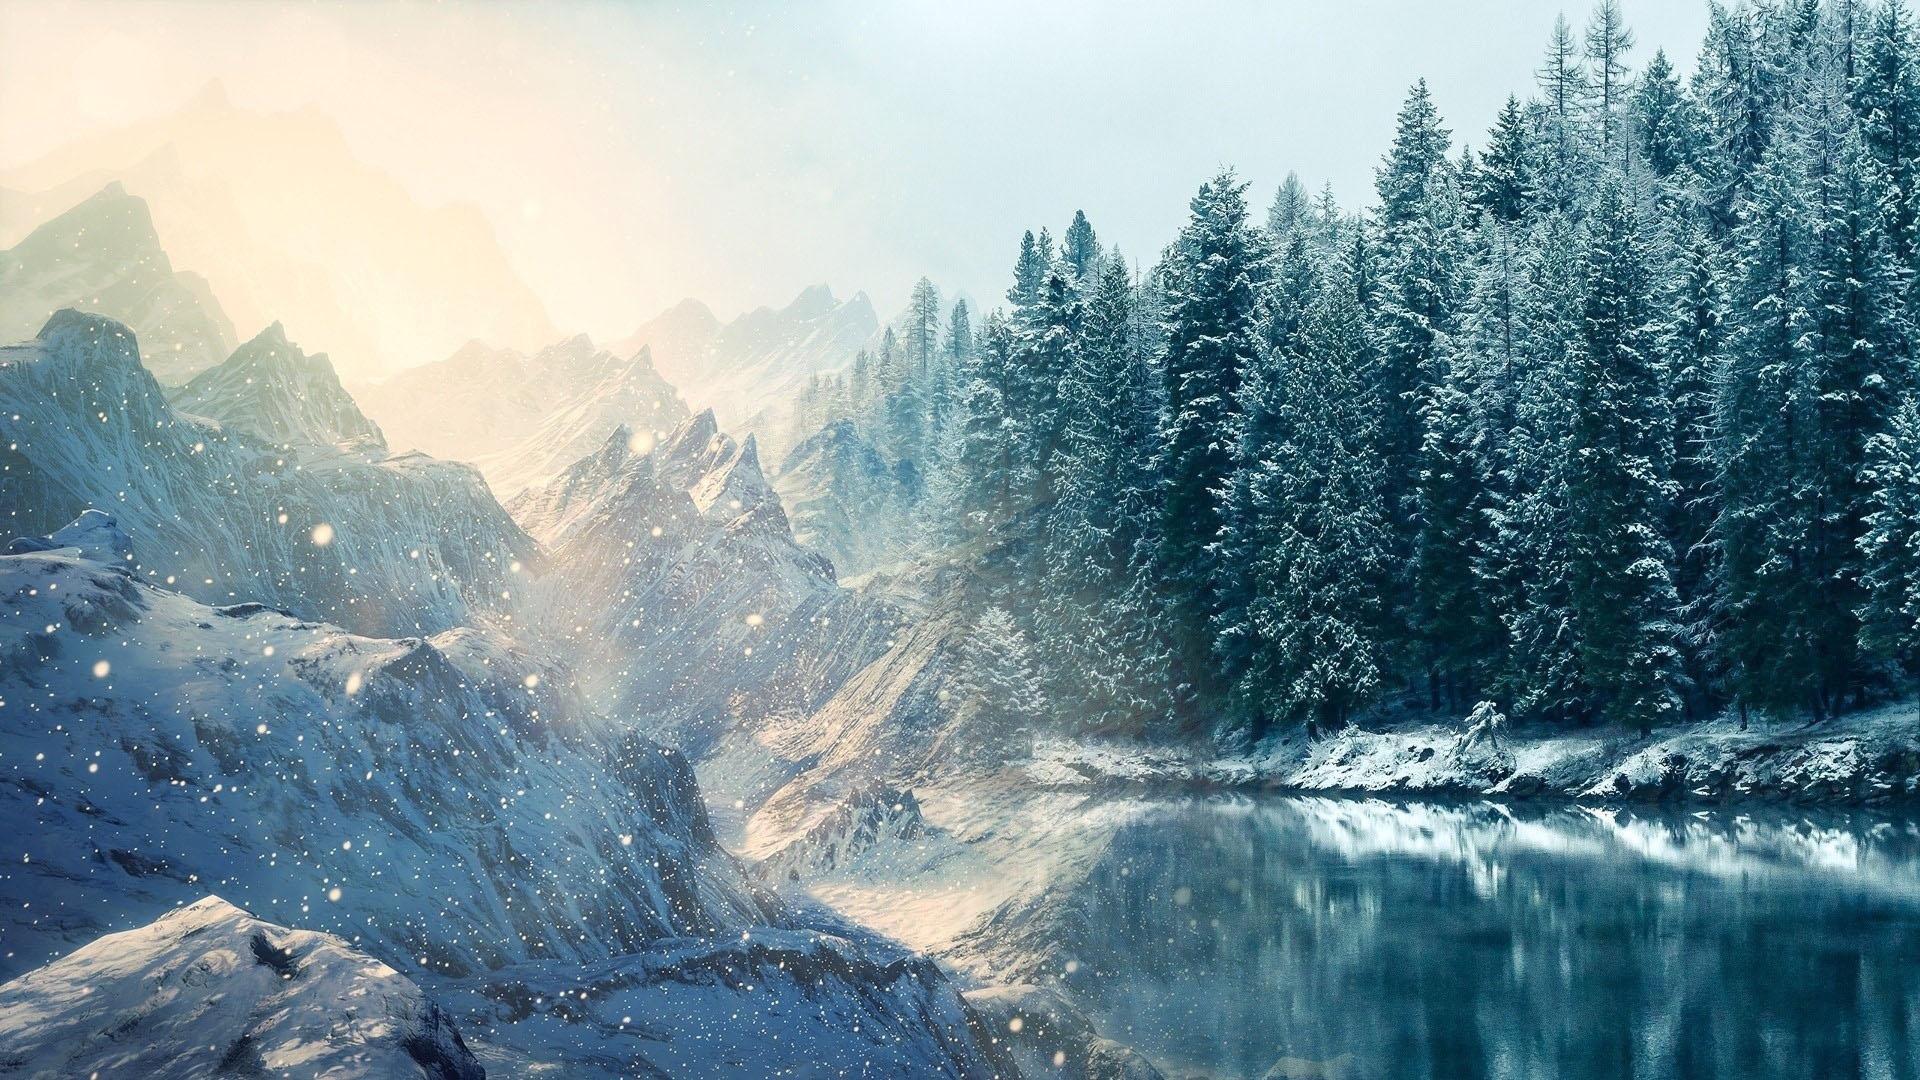 Hình nền mùa đông đẹp dành cho PC